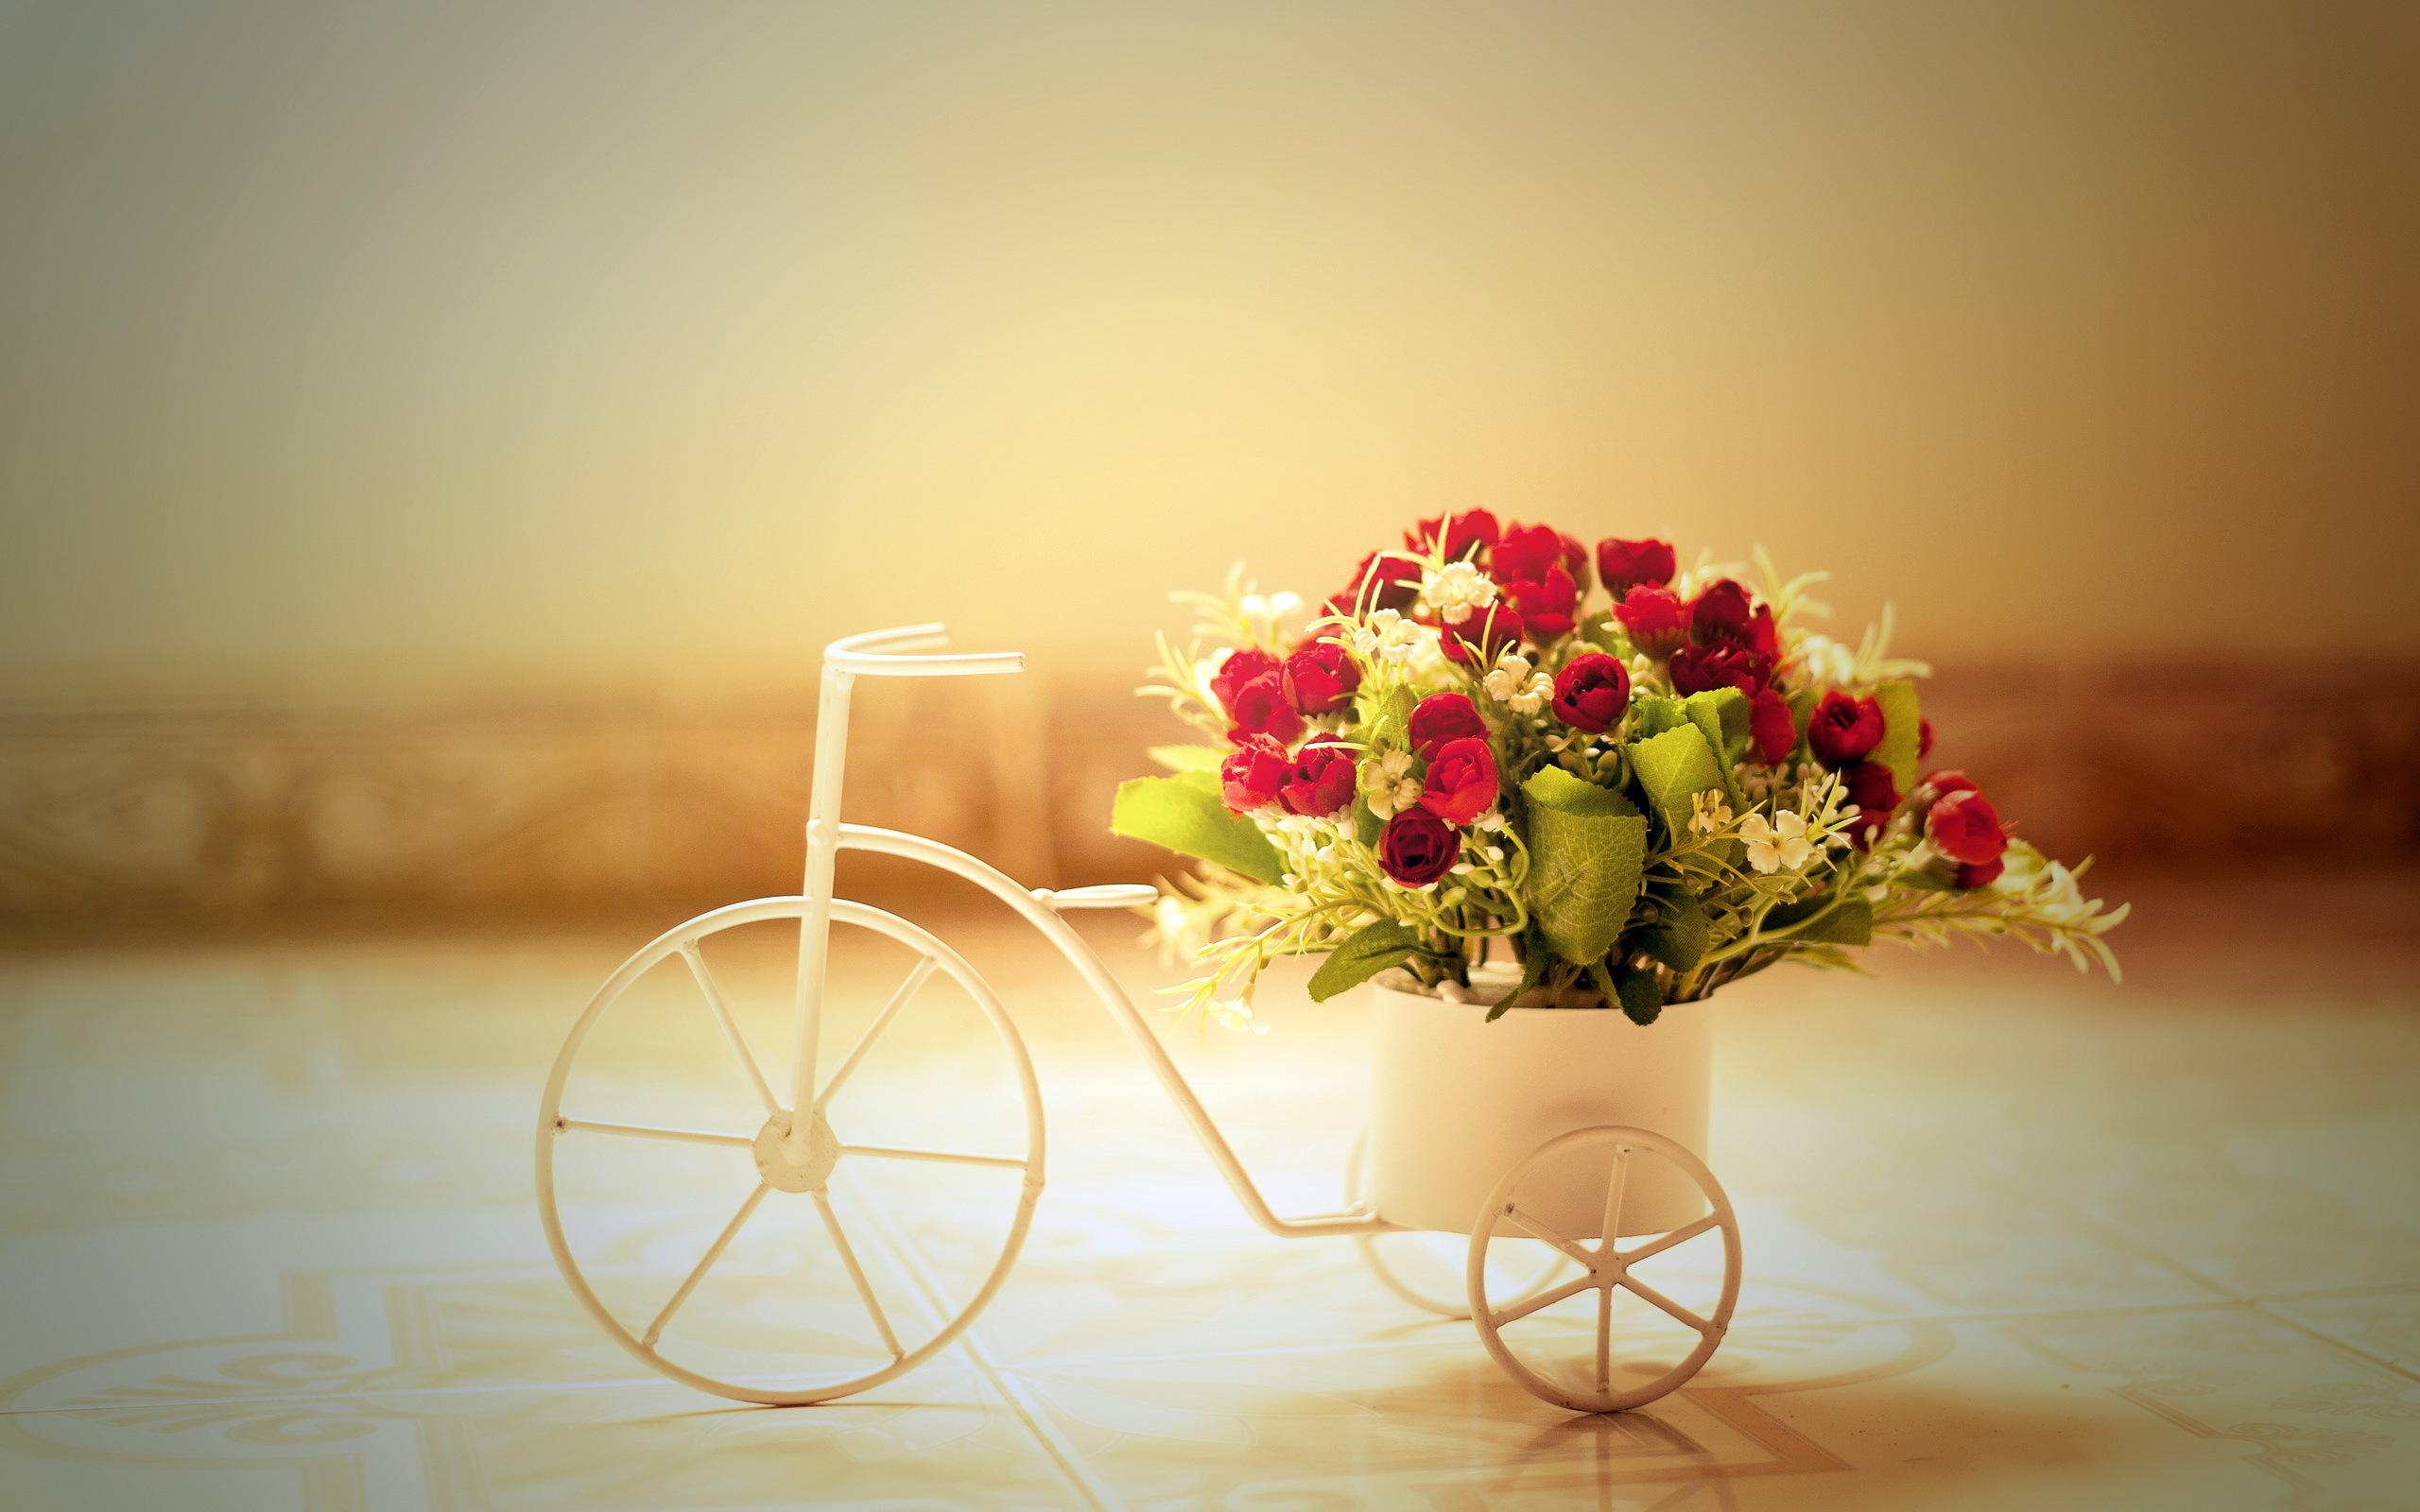 44995 скачать обои Растения, Цветы, Объекты - заставки и картинки бесплатно